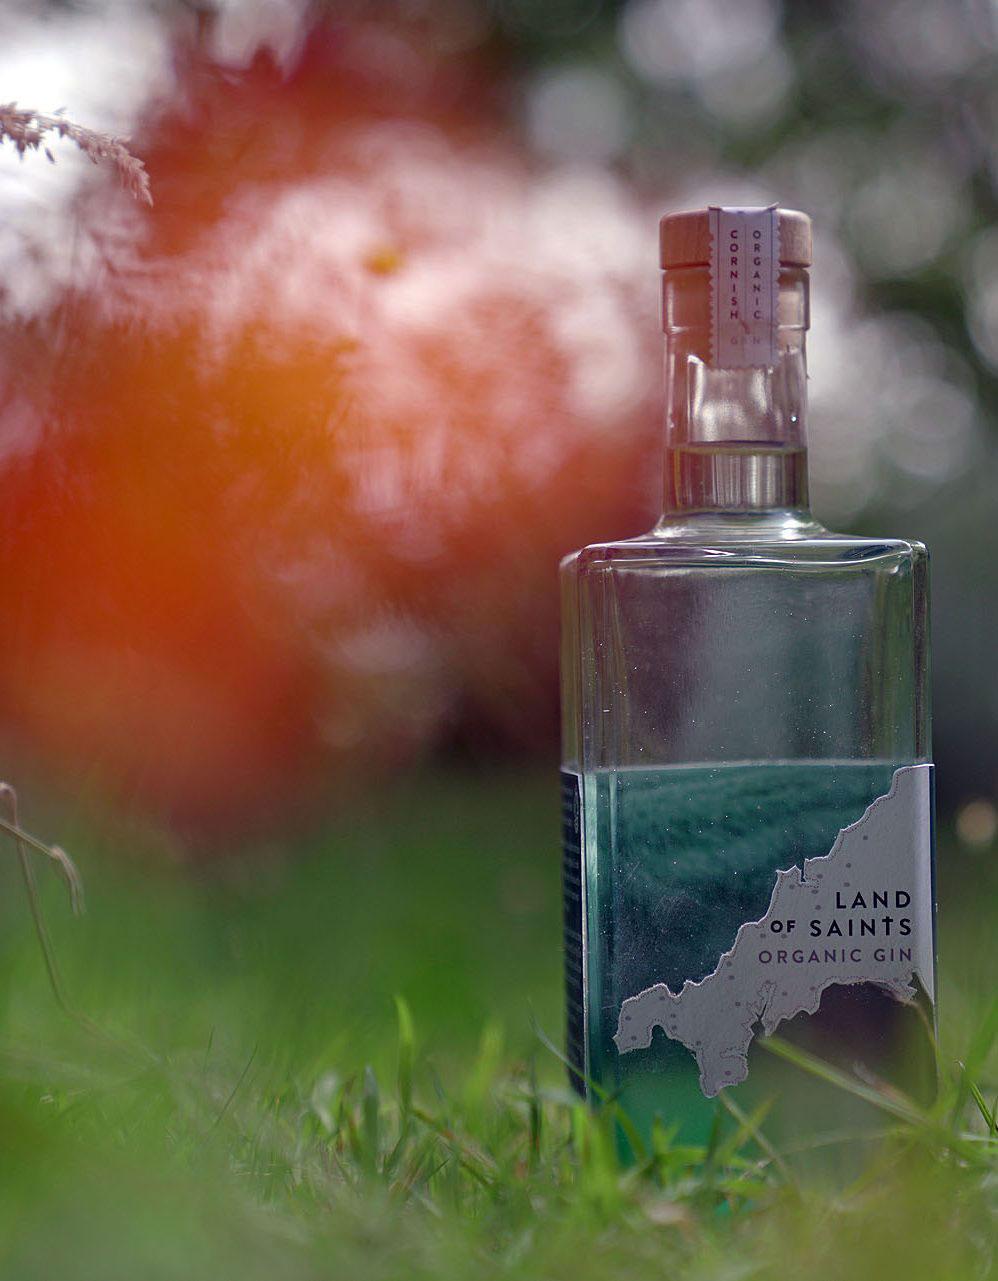 Land of Saints Organic Gin - Environmental Promise